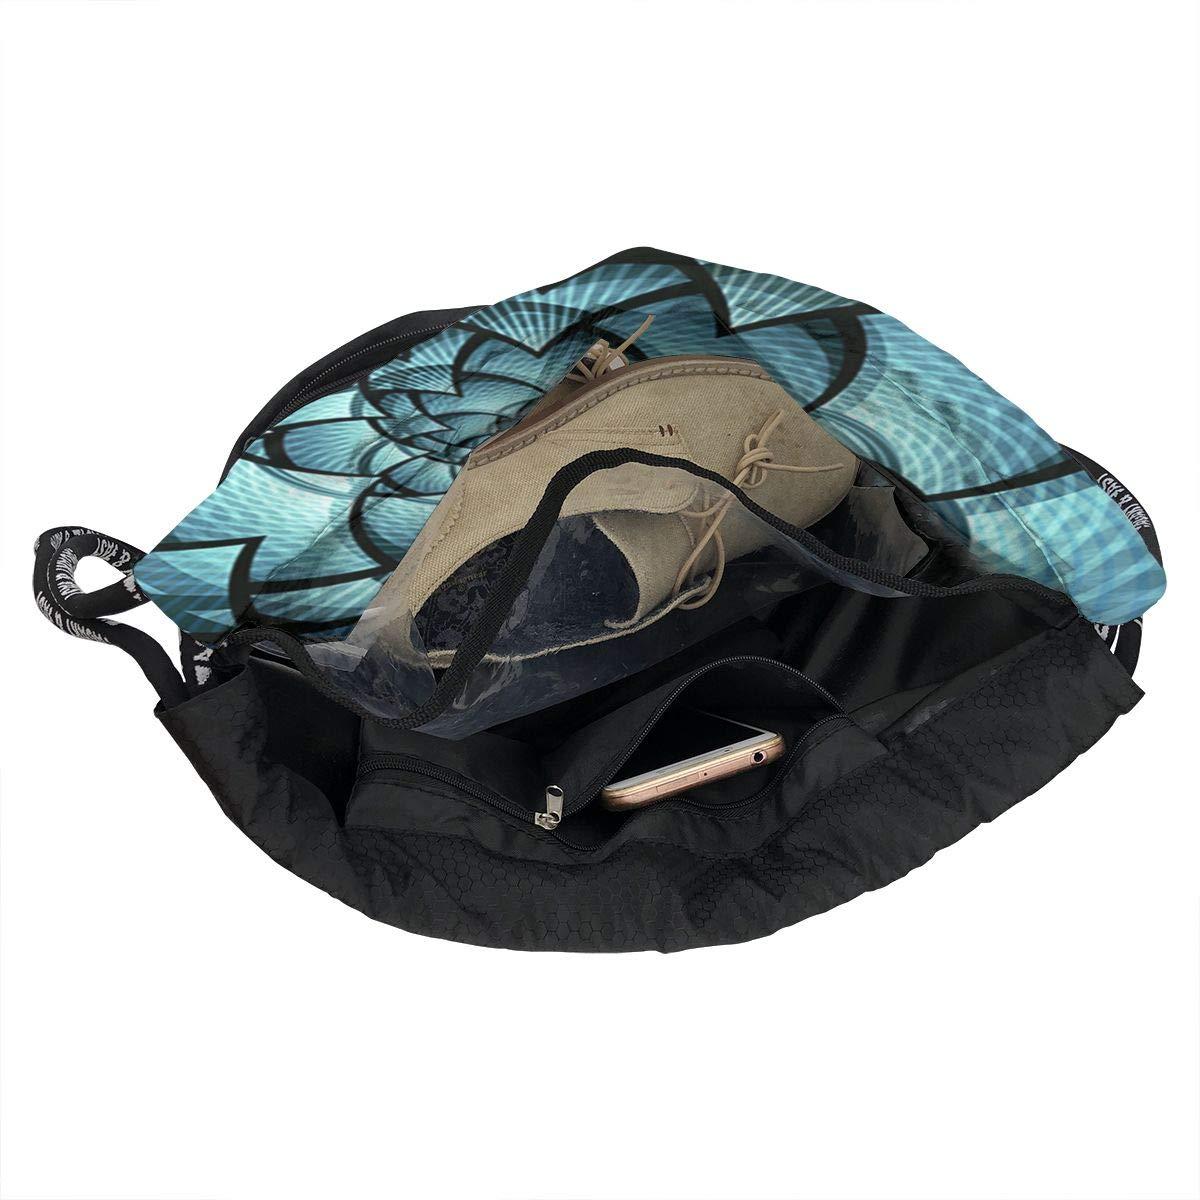 HUOPR5Q Abstract-Shapes Drawstring Backpack Sport Gym Sack Shoulder Bulk Bag Dance Bag for School Travel